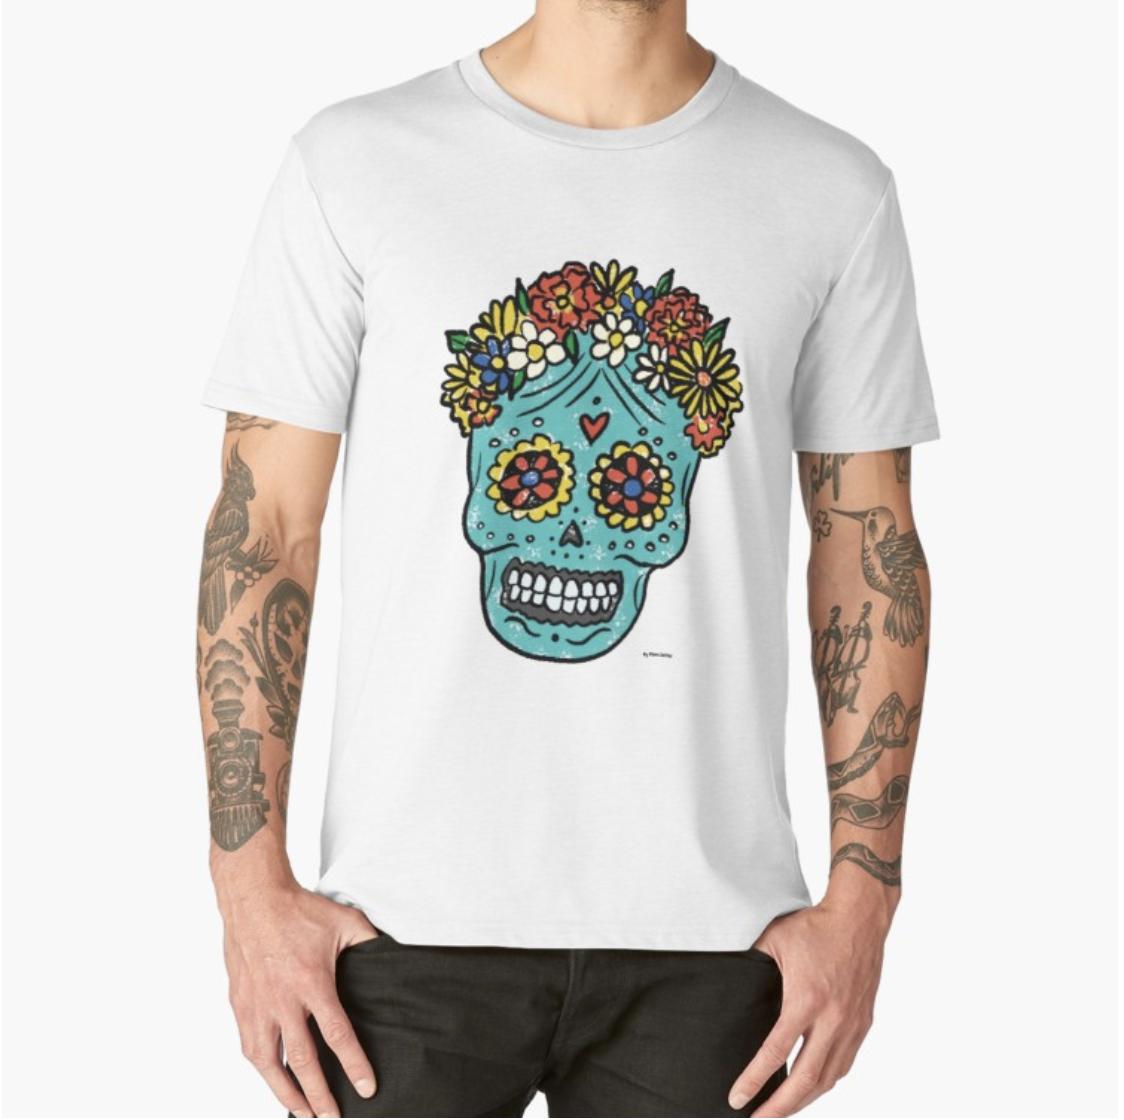 Sugar Skull - t-shirt